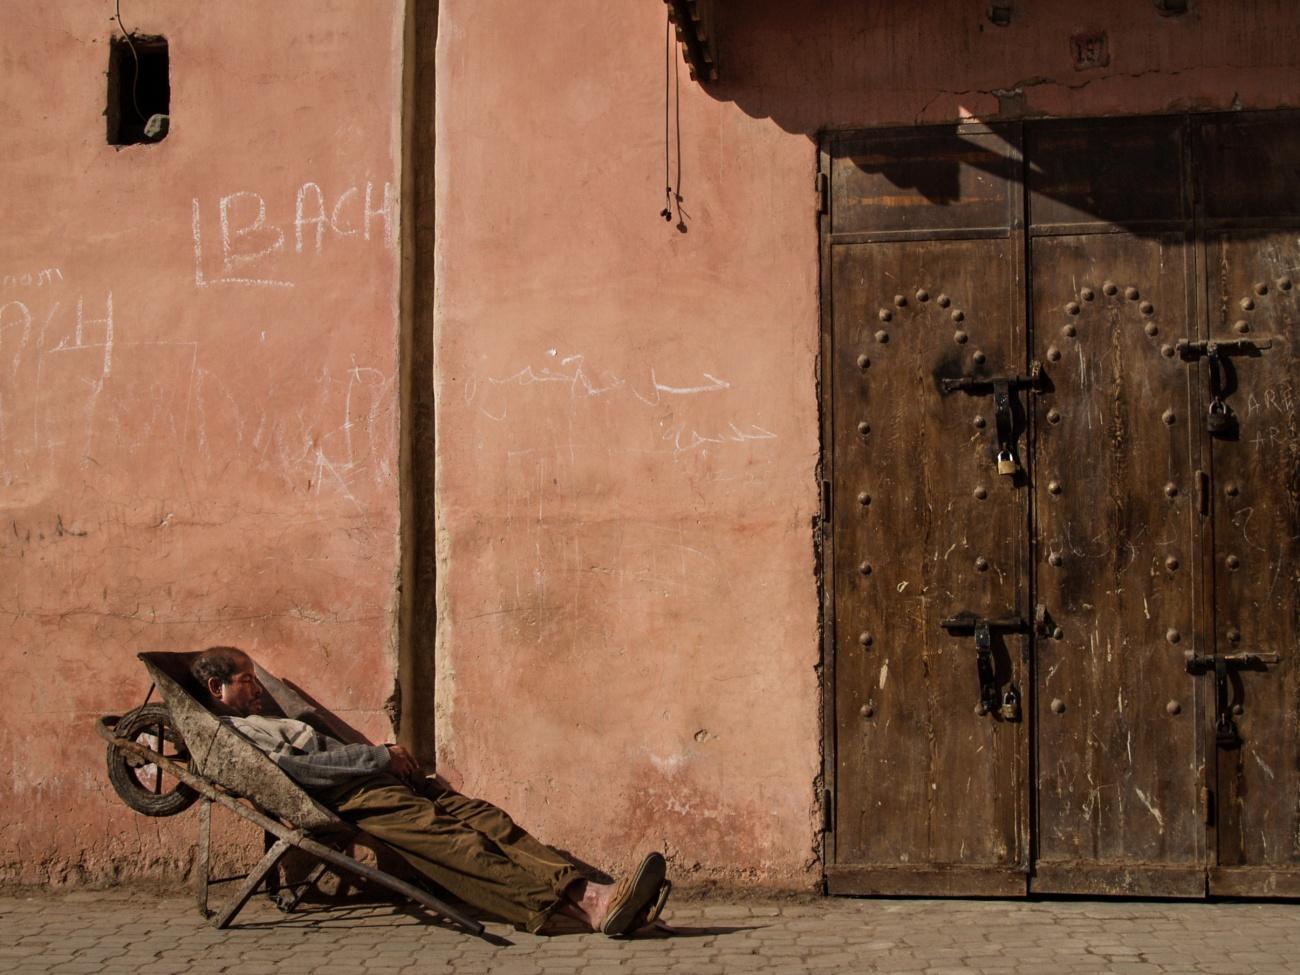 Viajes - Chema Moragón. Fotógrafo.